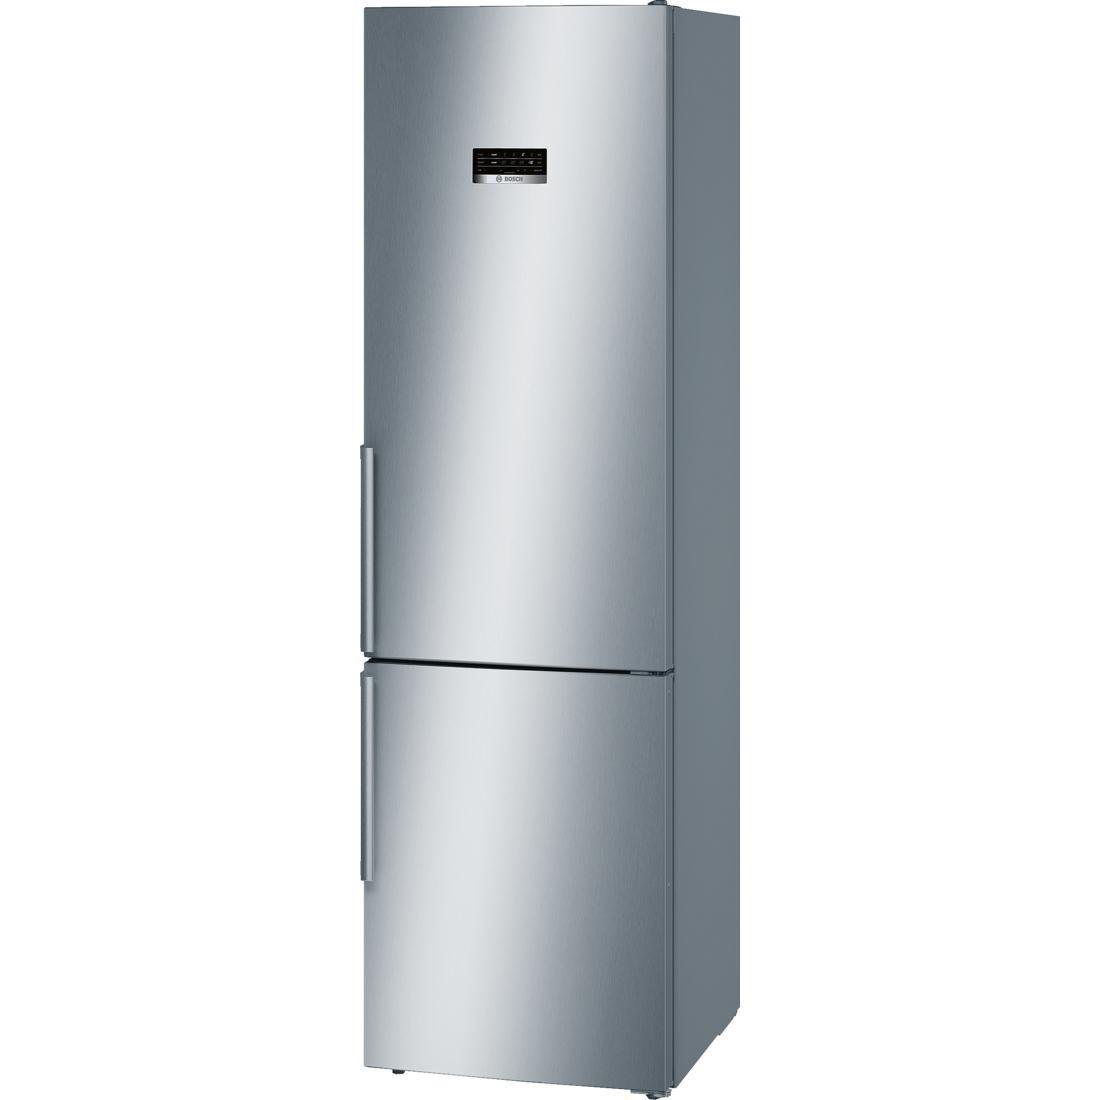 2 х камерный холодильник самсунг sl39wj1/bwt инструкция